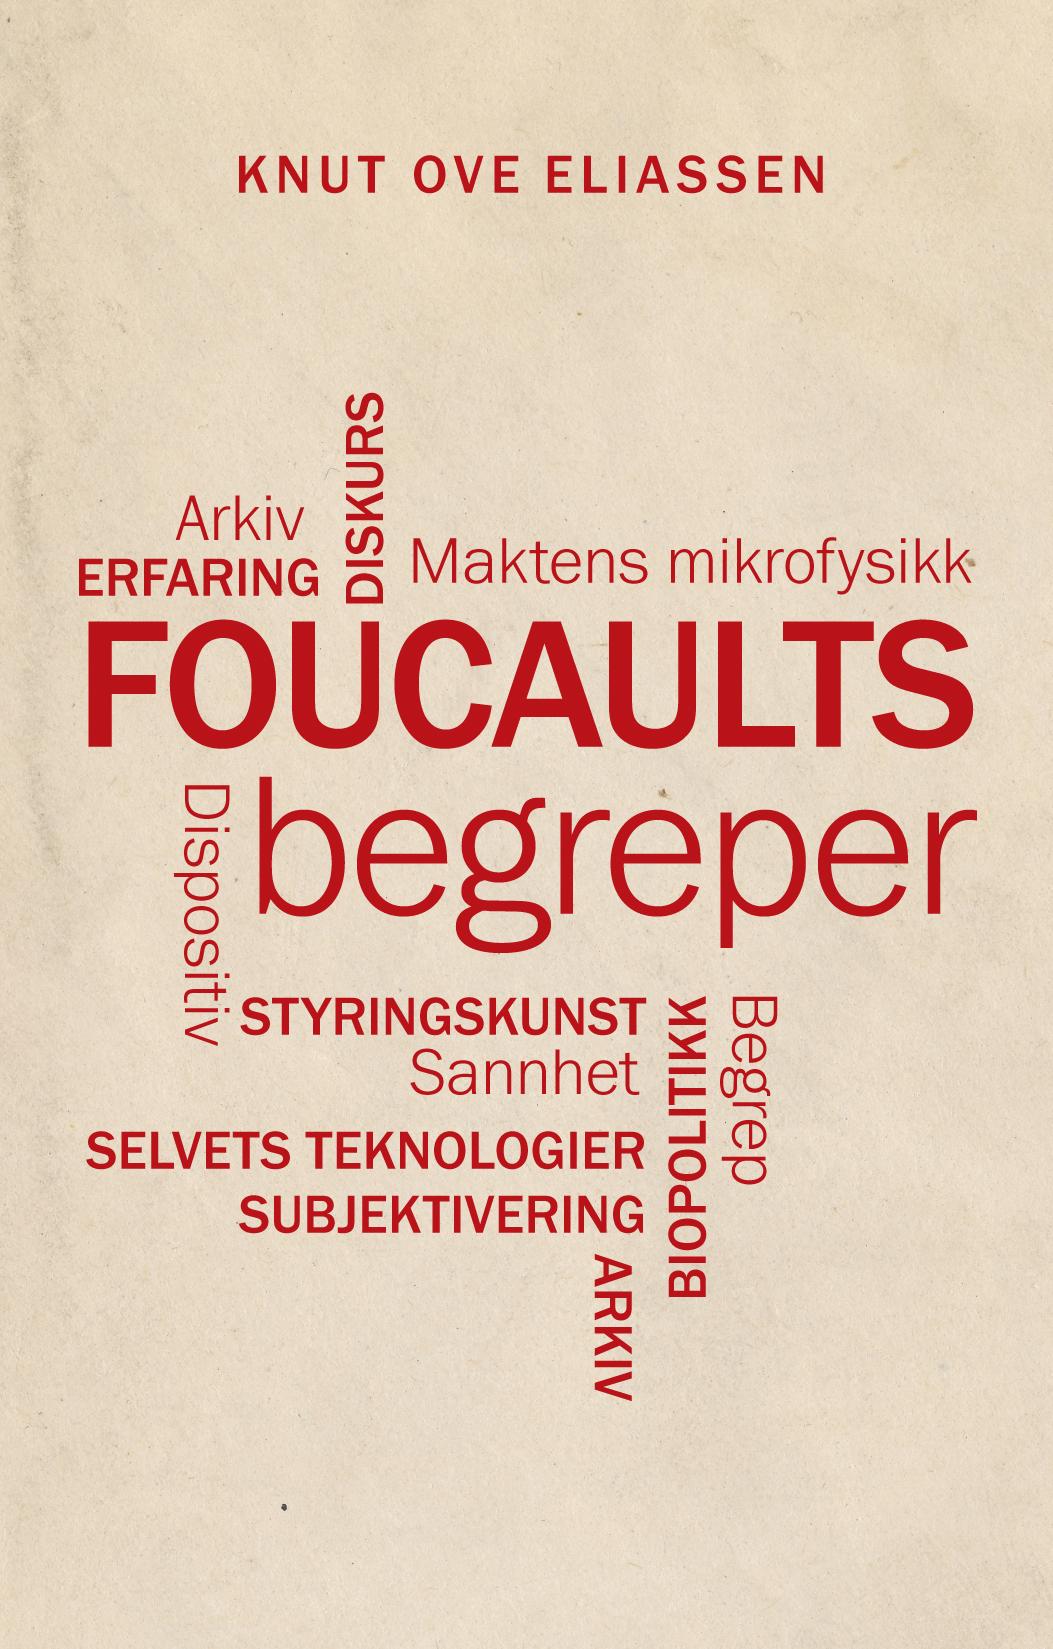 Hj6pWE66_3081_Foucaults begreper omslag